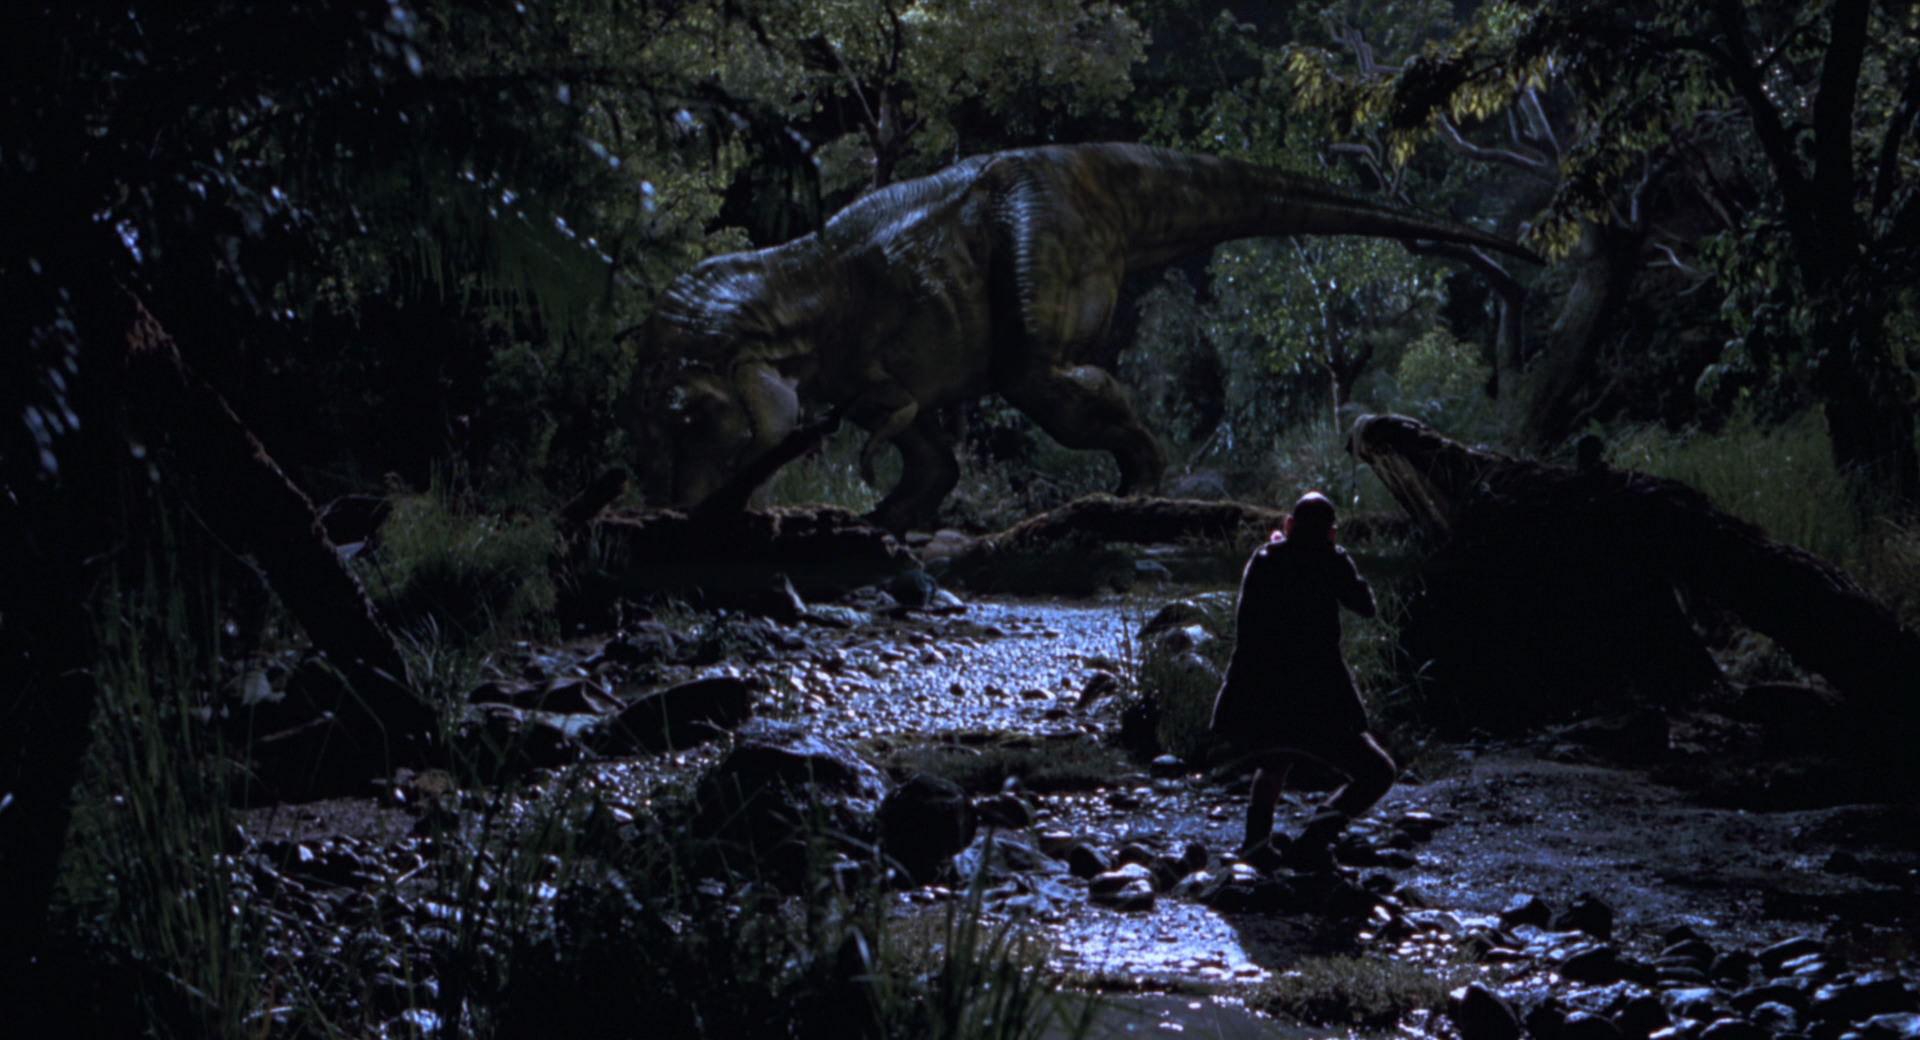 The Lost World Jurassic Park Screencaps are here Jurassic-lost-world-movie-screencaps.com-10061